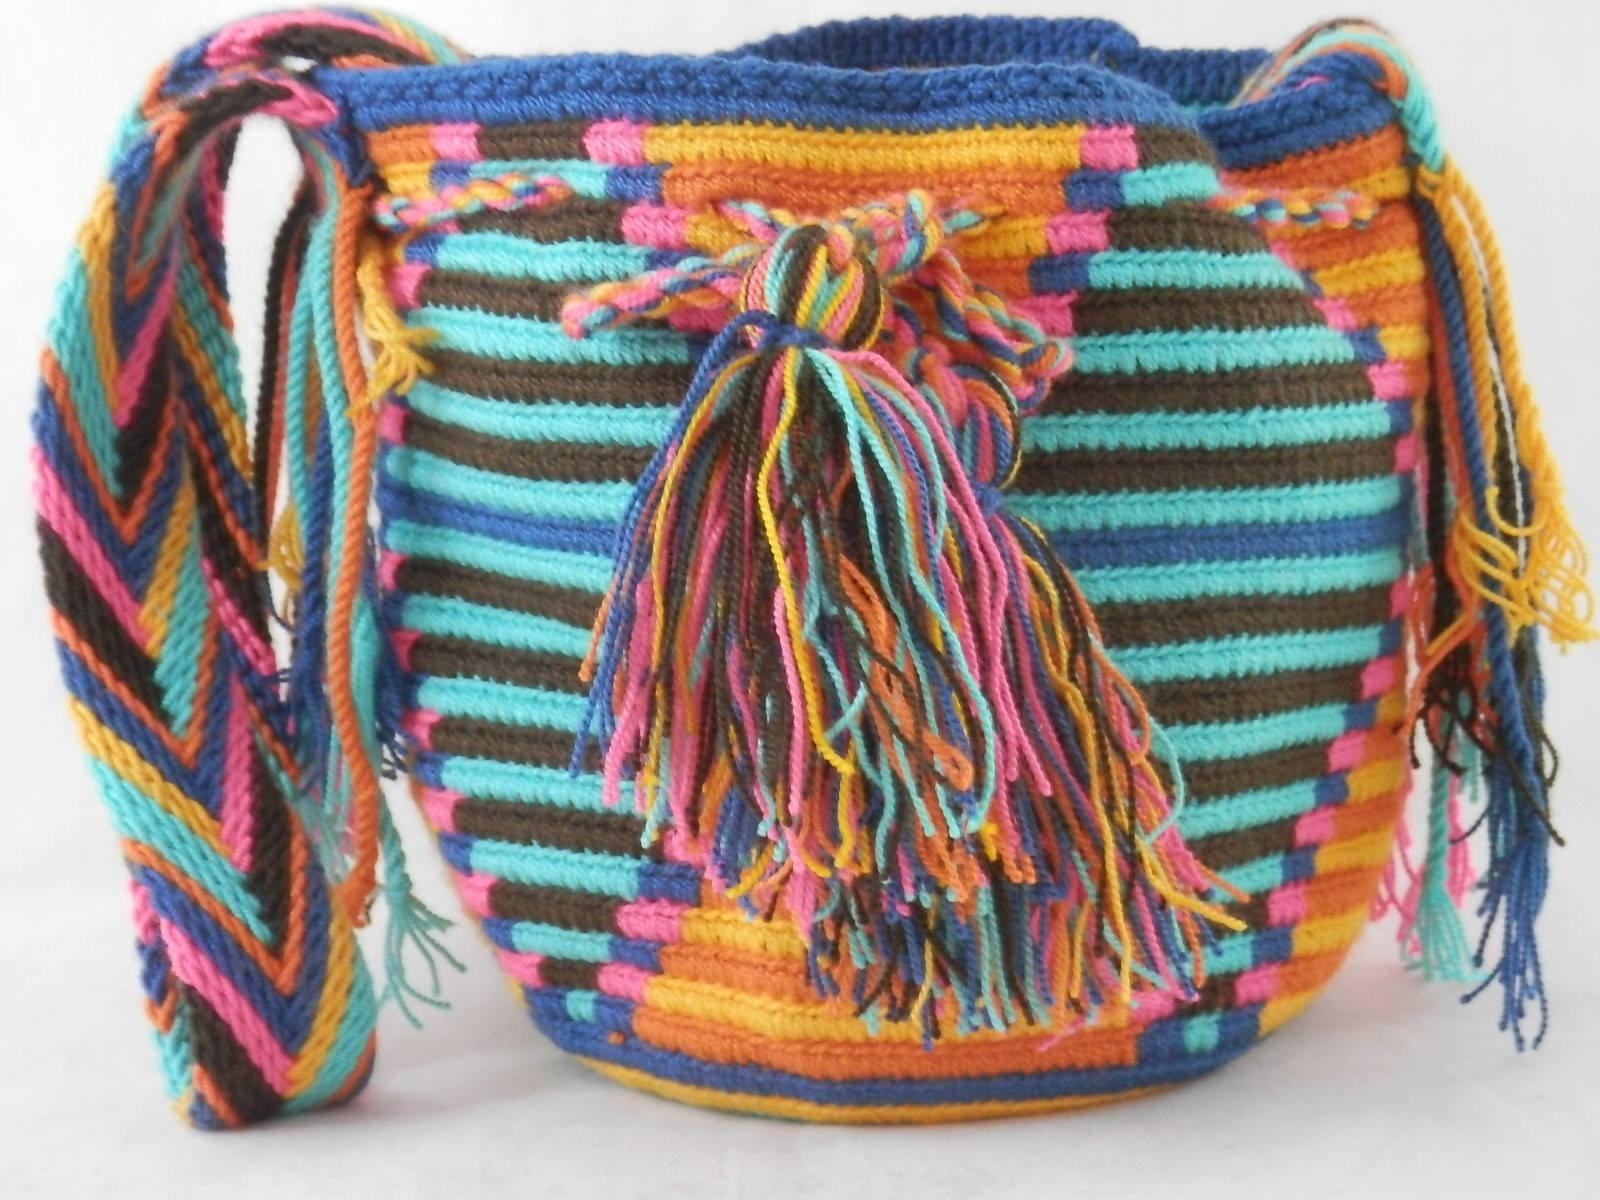 IWayuu Bag byPPS-MG_9493